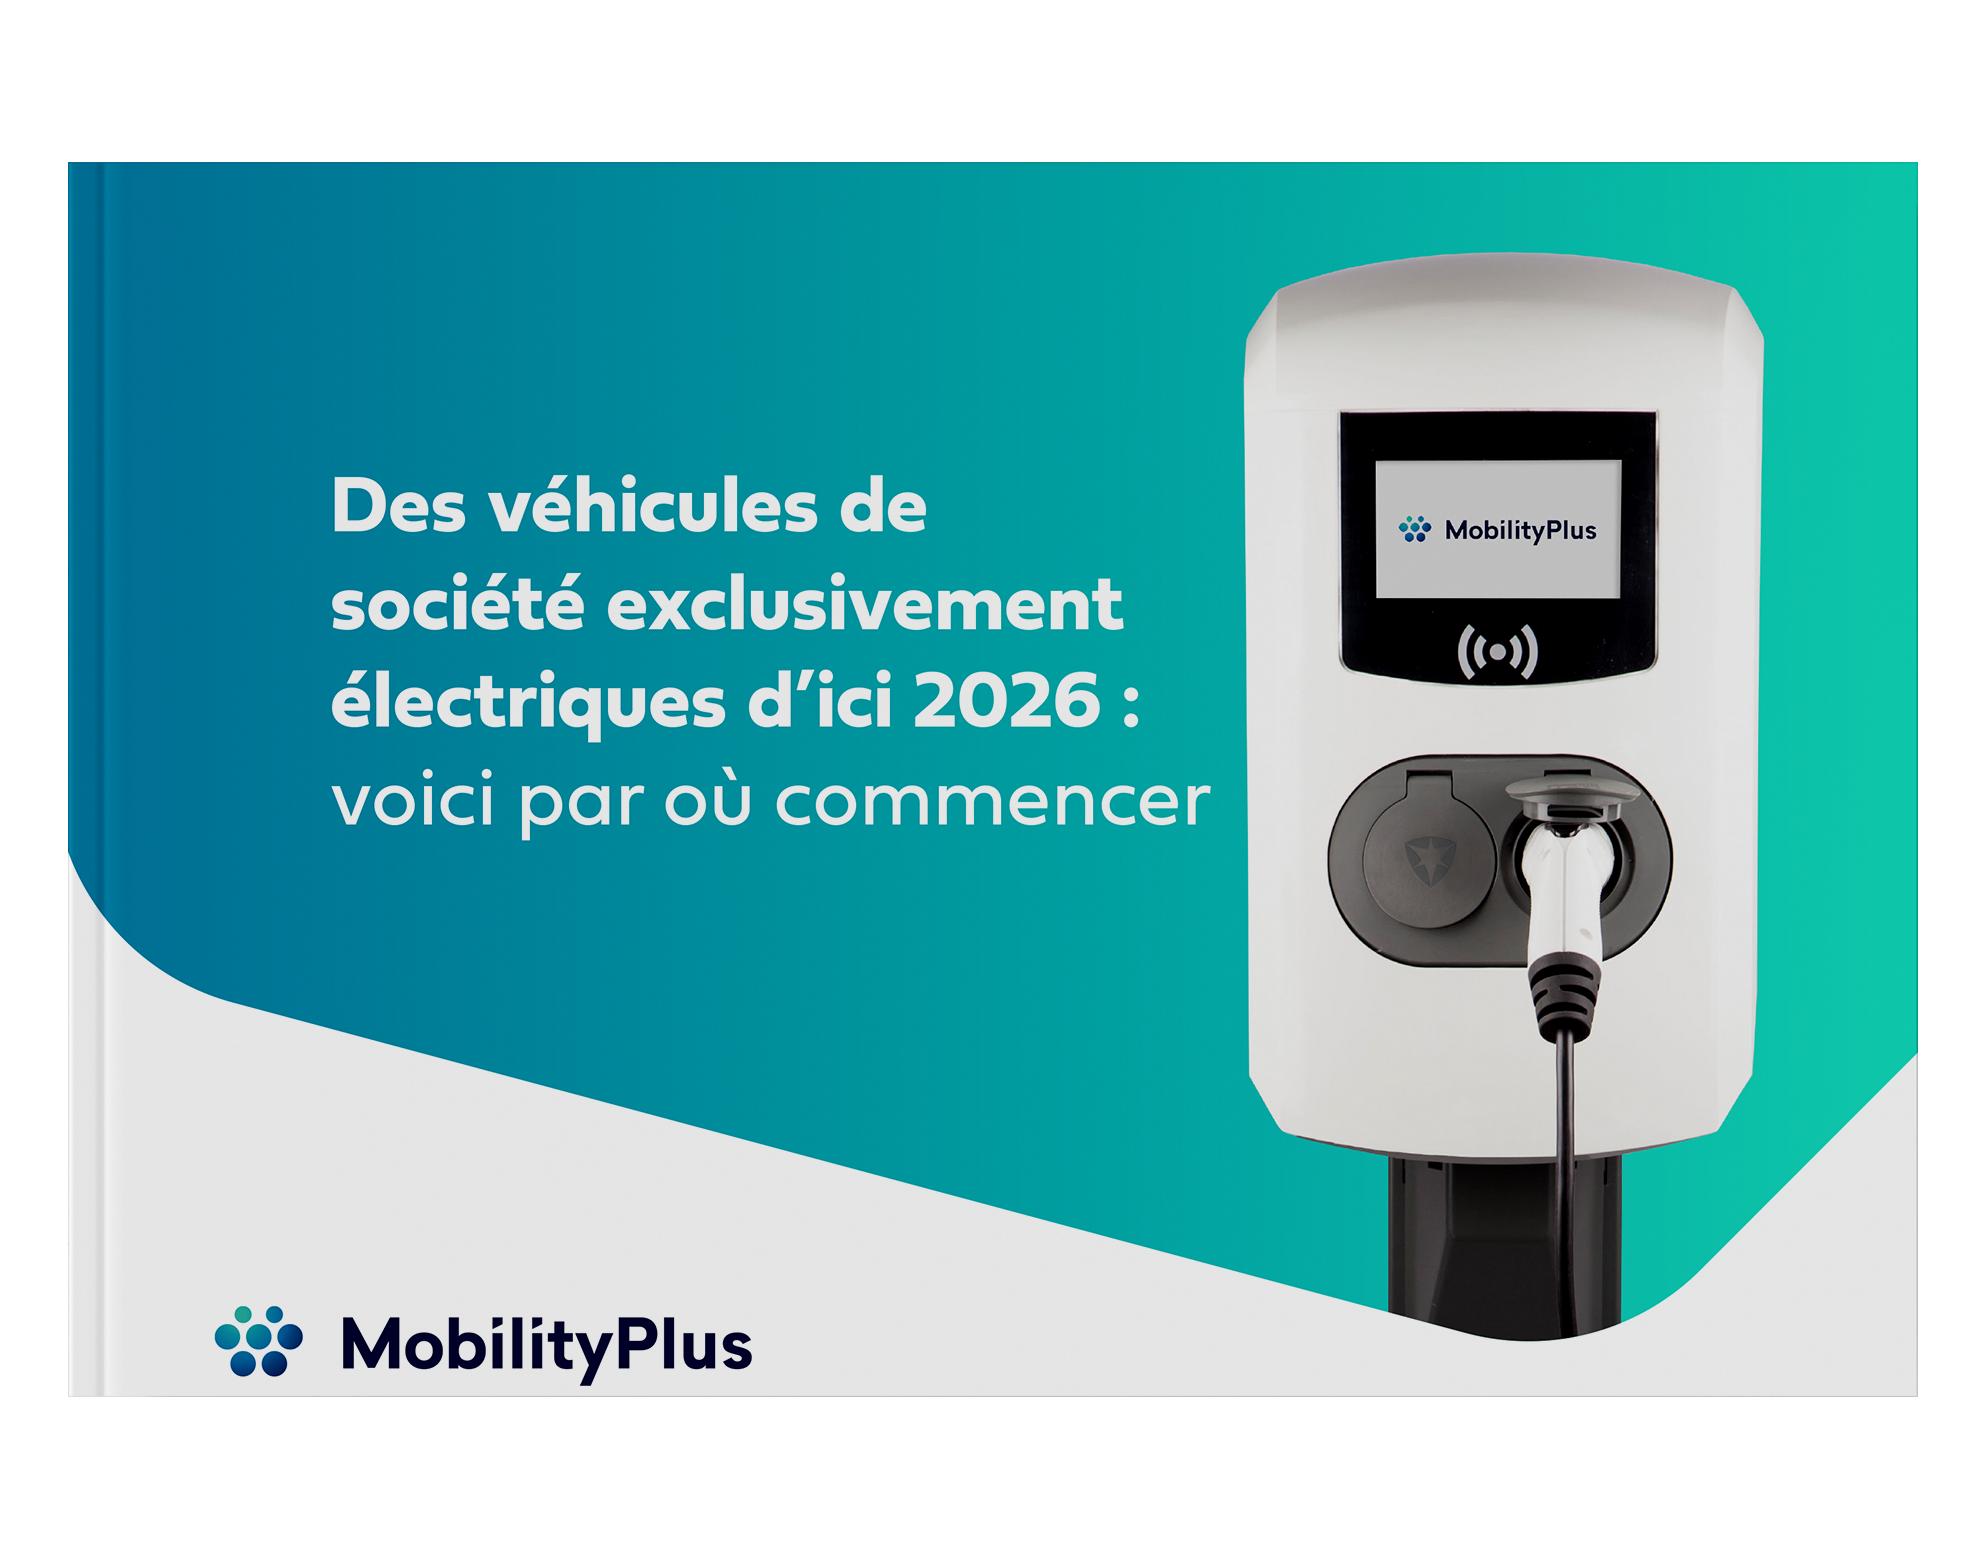 Des véhicules de société exclusivement électriques d'ici 2026 : voici par où commencer